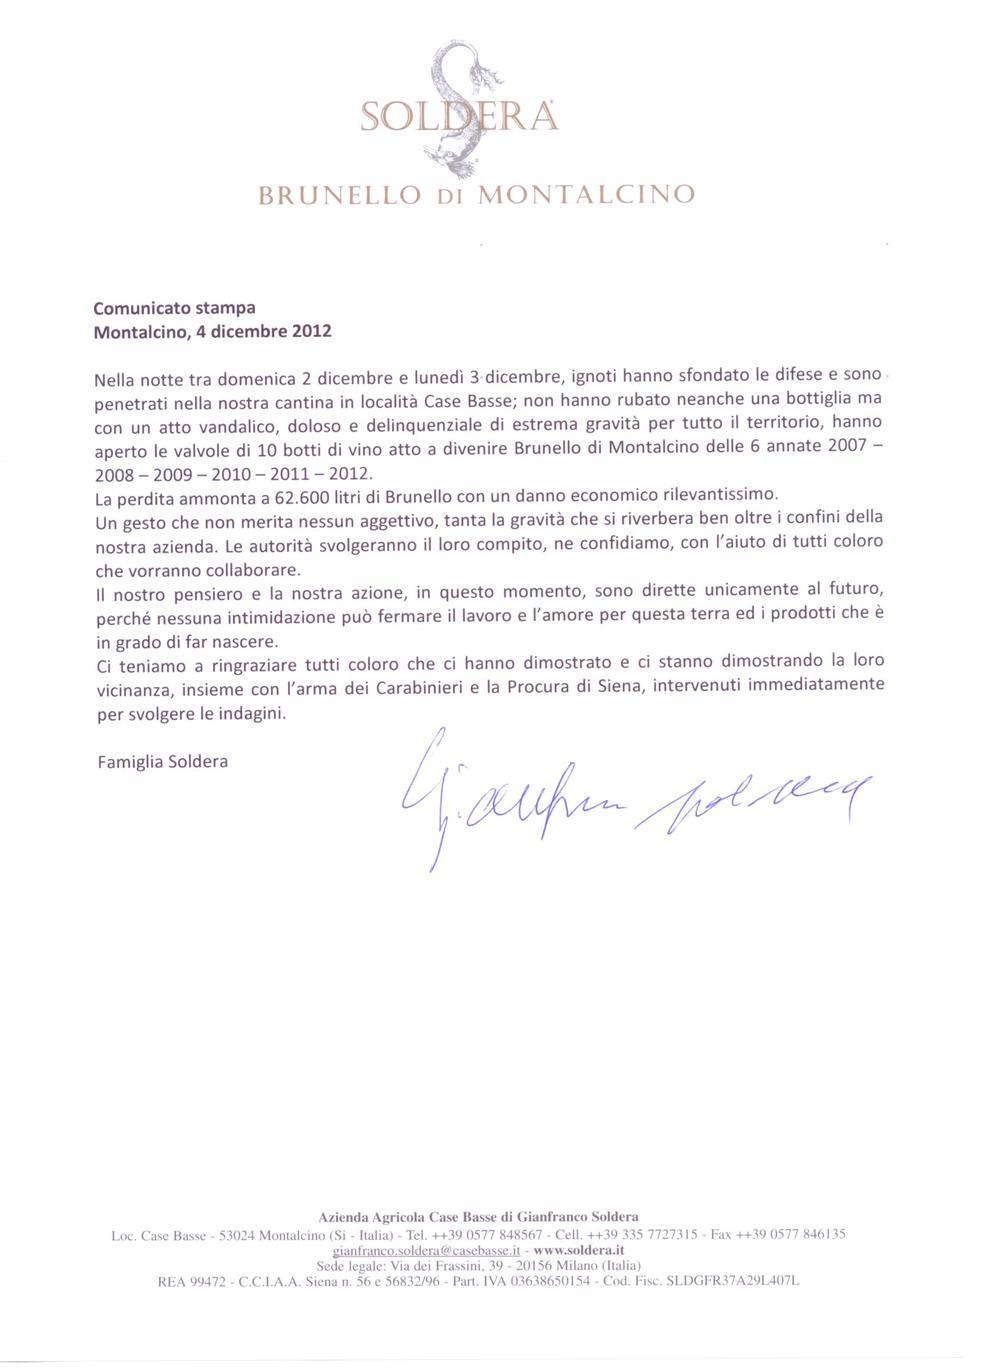 Soldera - comunicato stampa